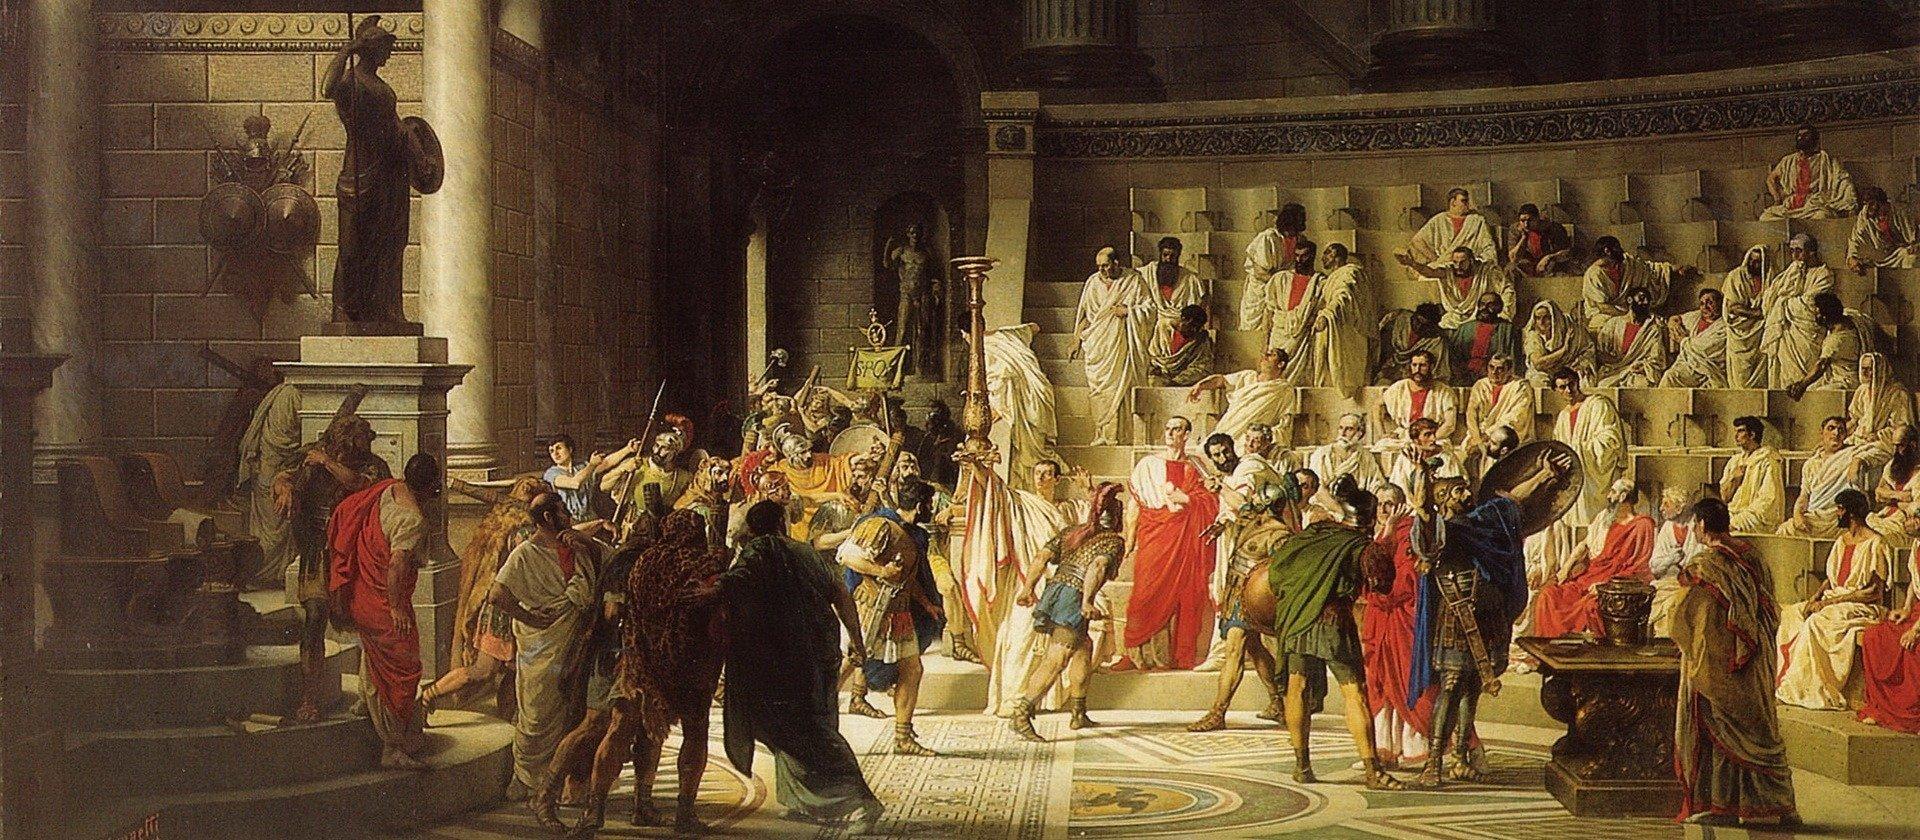 Как проходили выборы в Древнем Риме?(184 г. до н.э.)